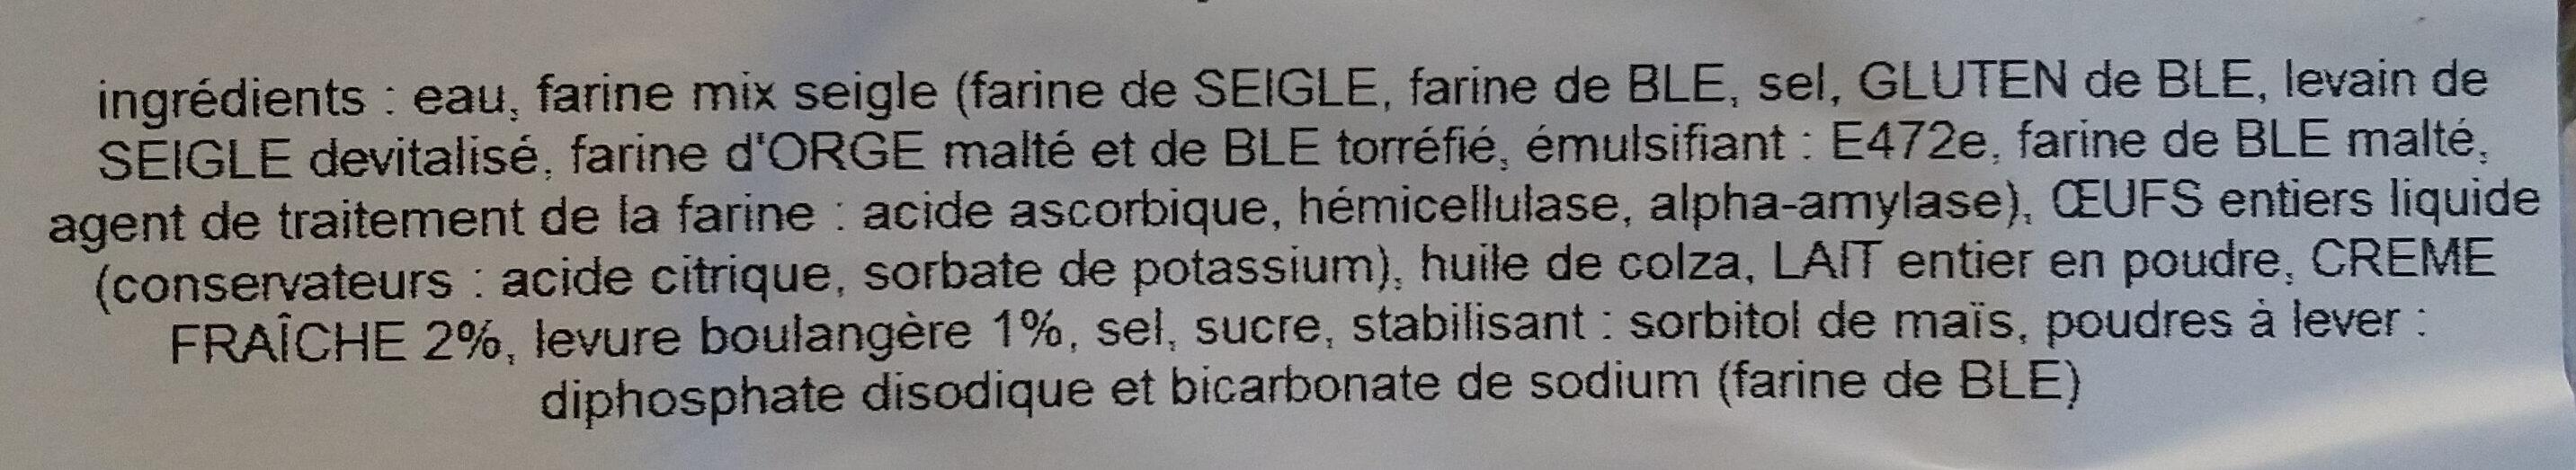 Mini blinis au seigle - Ingrédients - fr